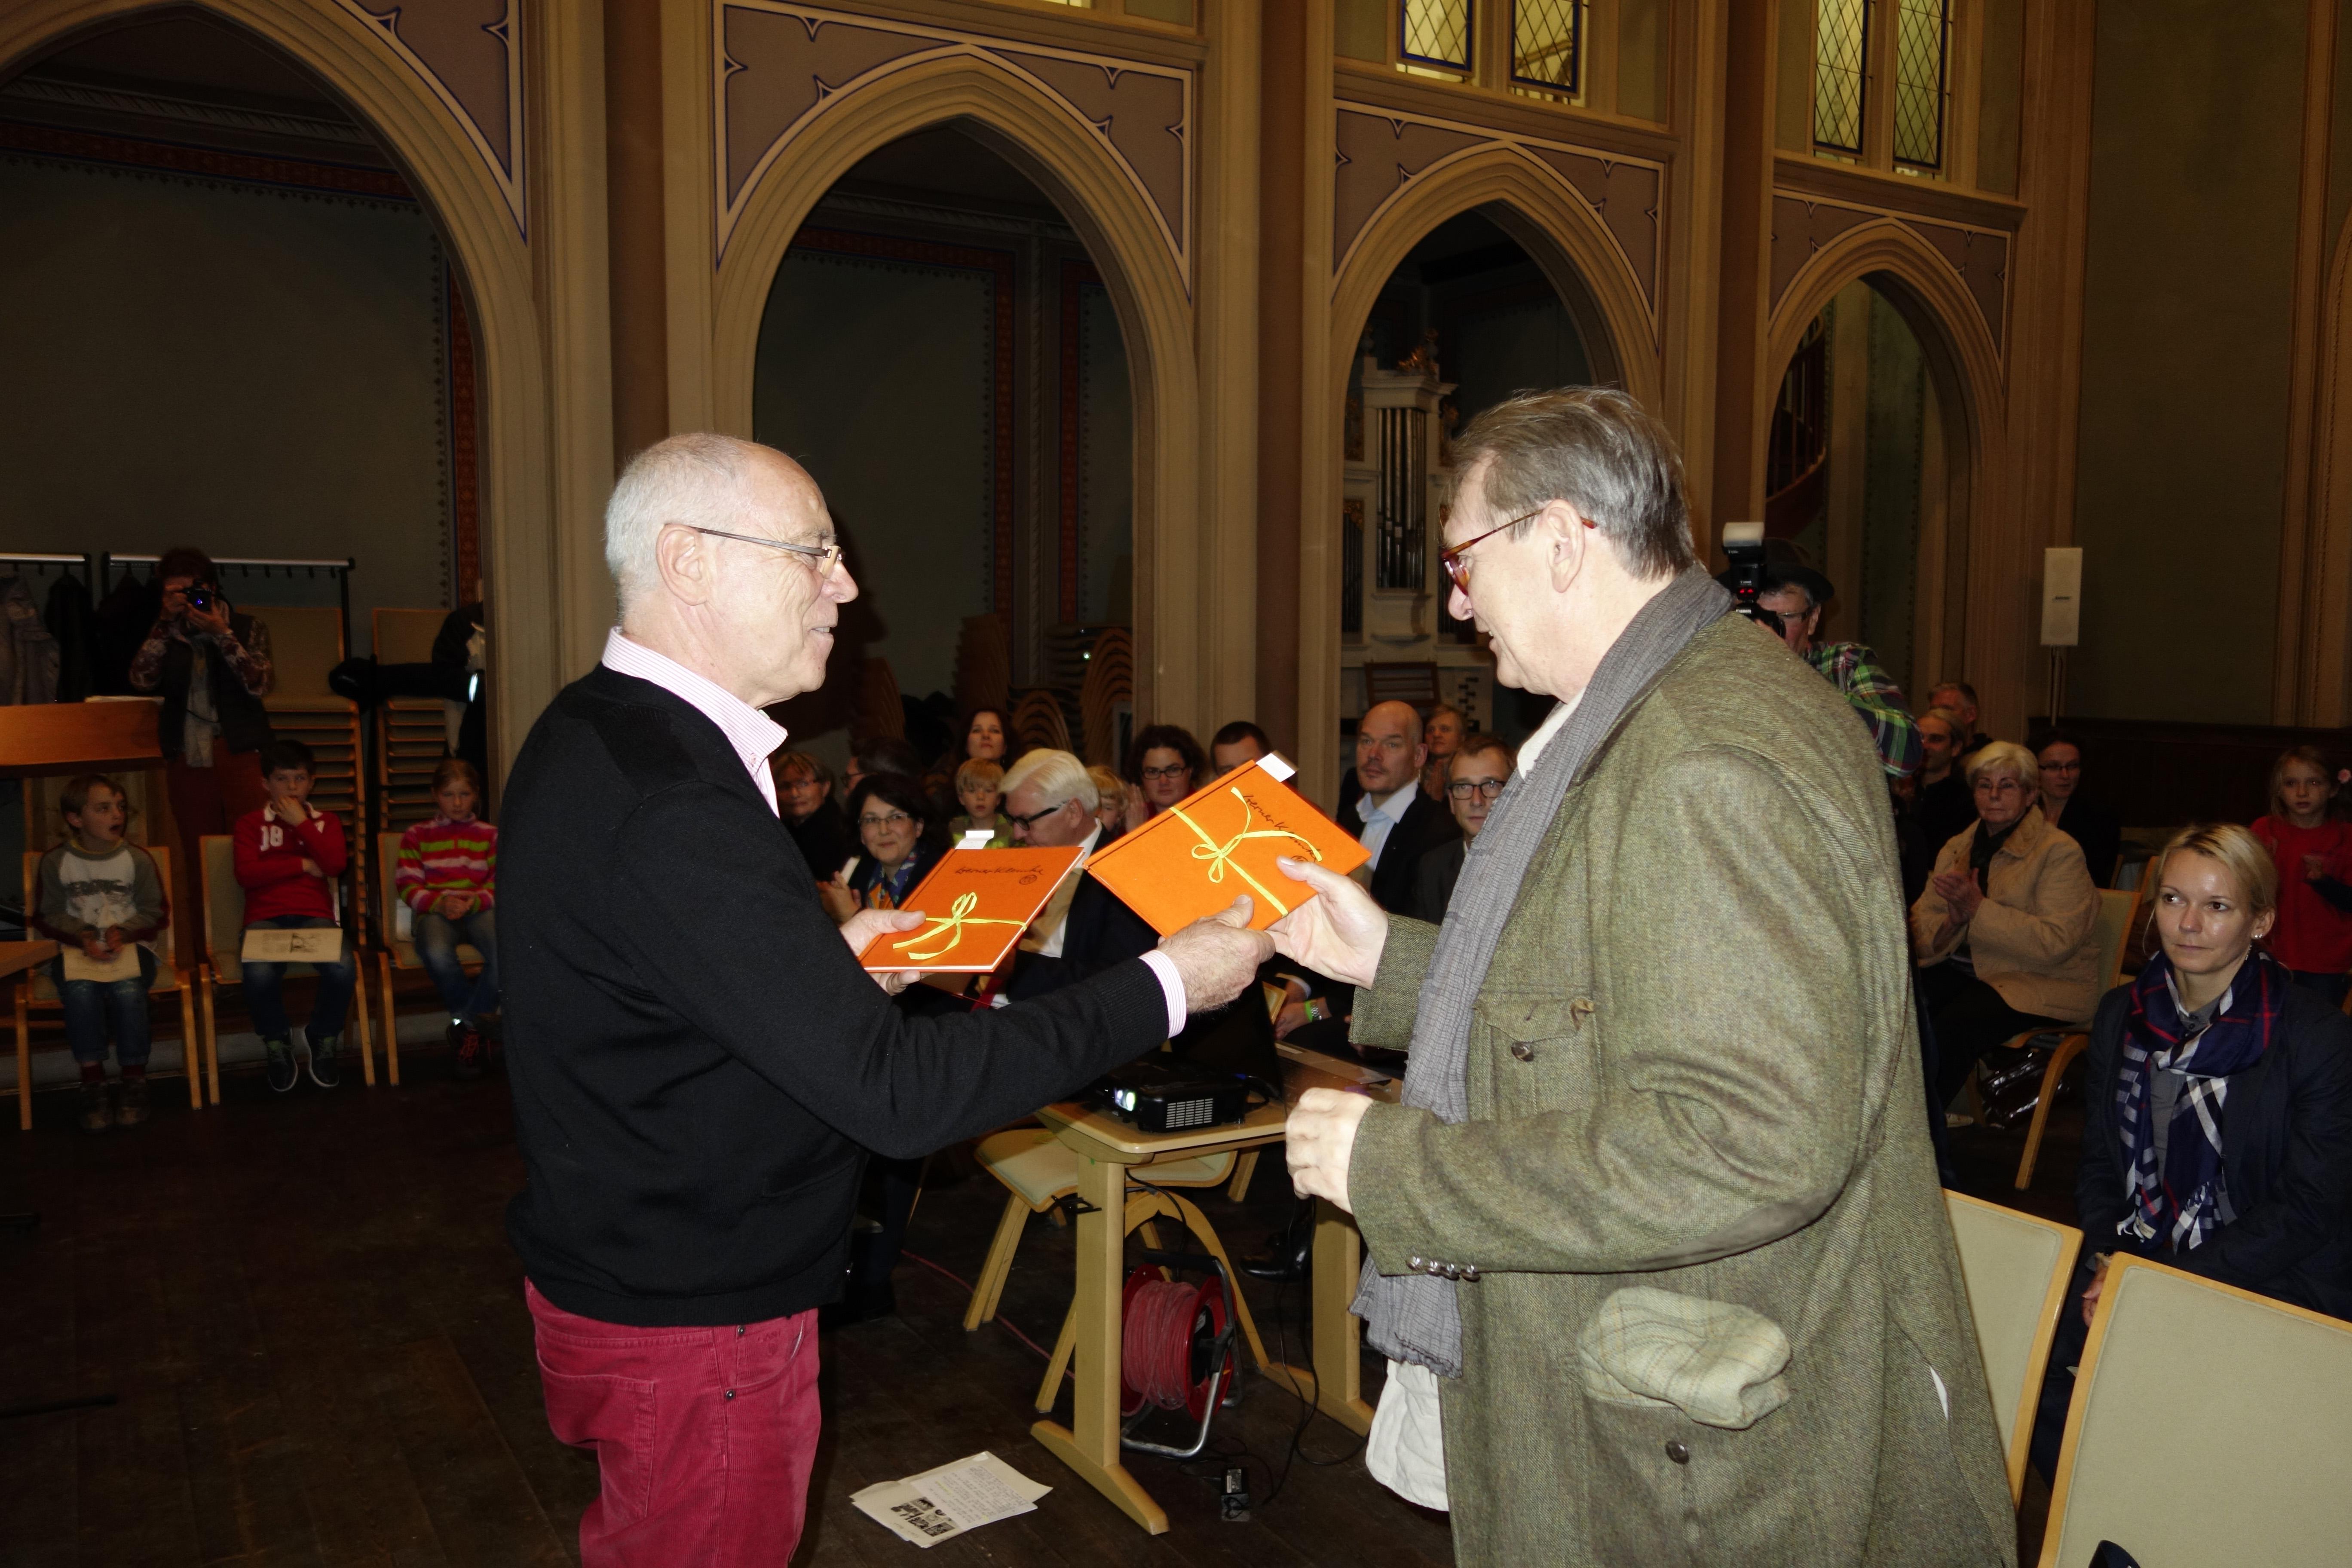 Werner Klemkes Sohn Christian war auch nach Brandenburg gekommen. Armin Schubert überreicht ihm ein Exemplar des Klemke-Buches.